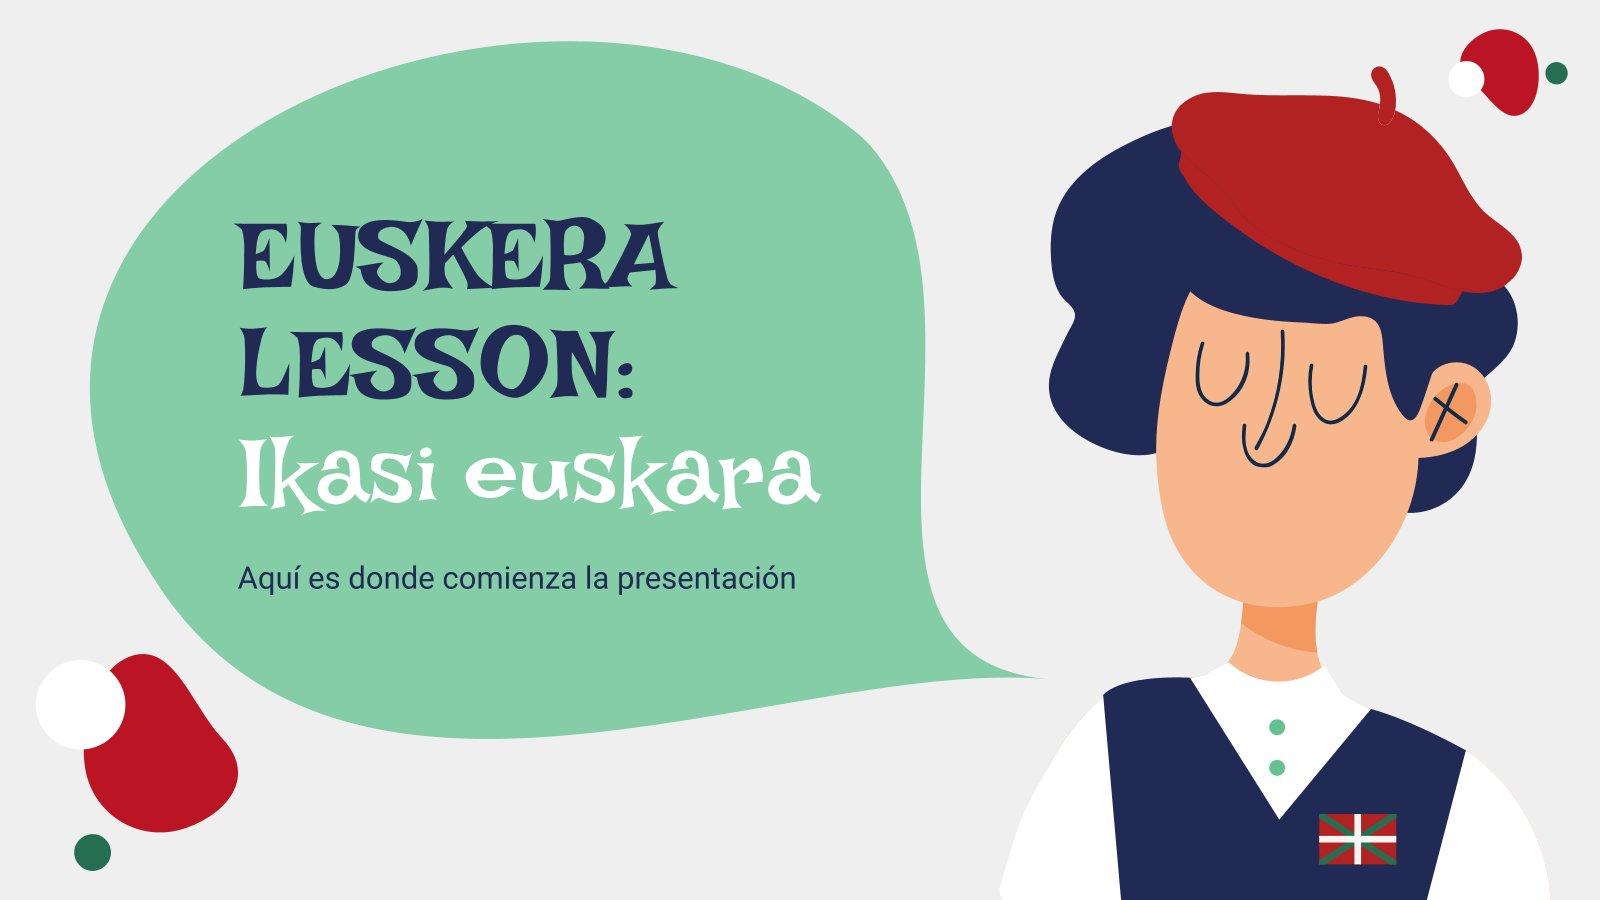 Modelo de apresentação Aula do euskera: Ikasi euskara